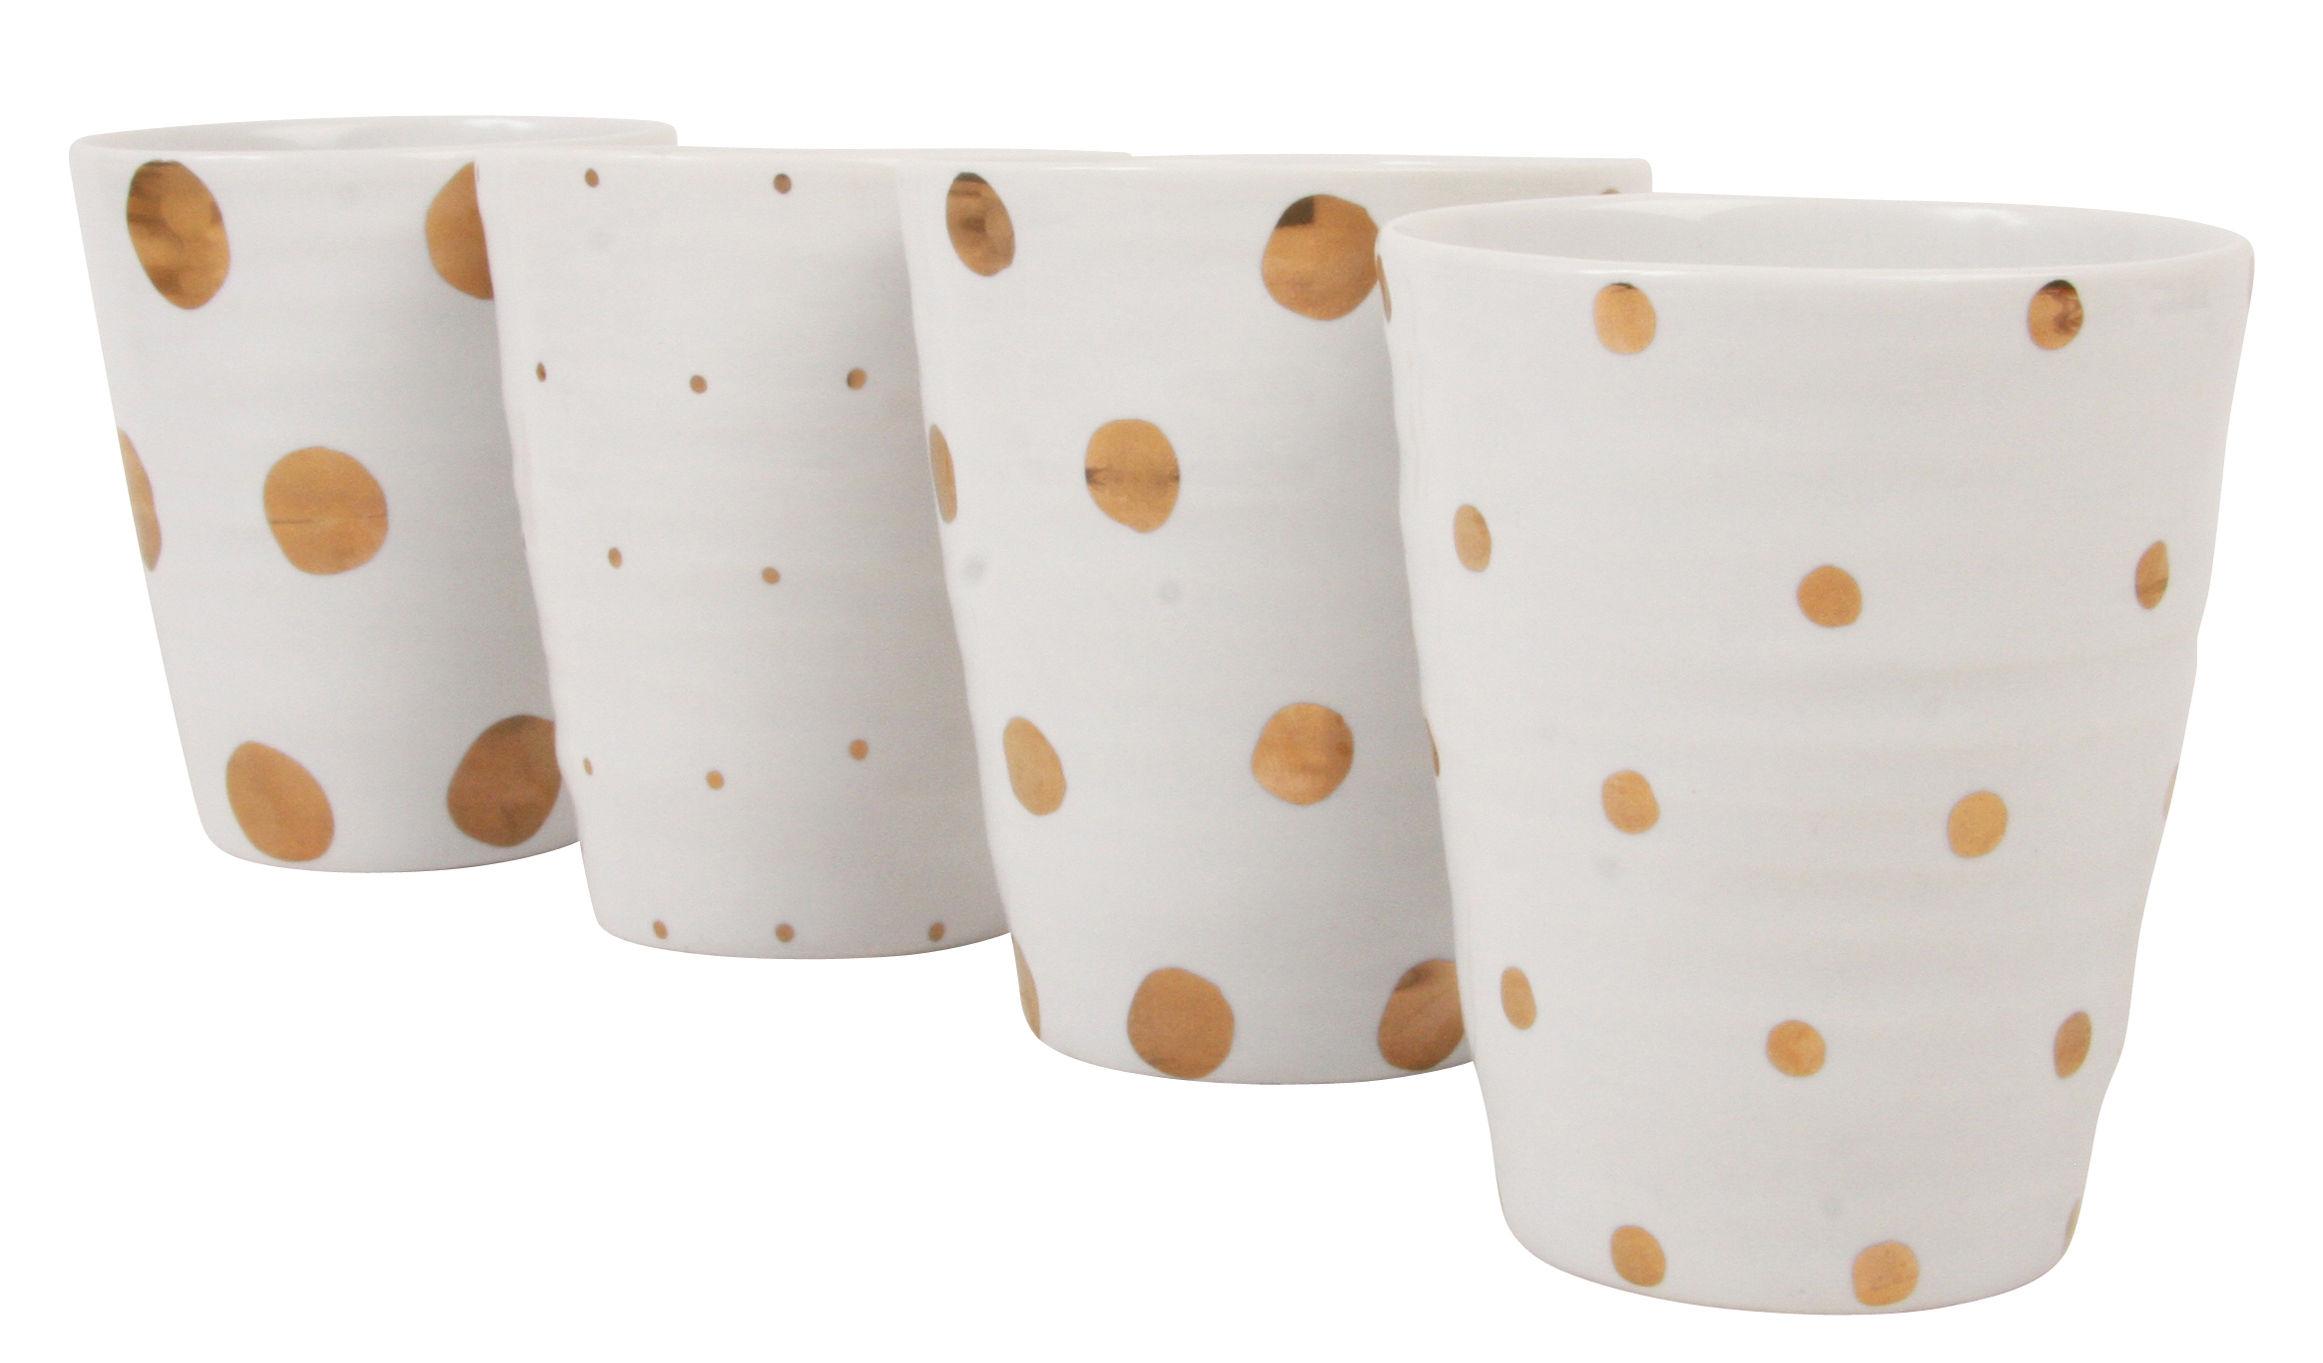 Arts de la table - Tasses et mugs - Mug Dotted / Set de 4 - & klevering - Blanc / Pois dorés - Céramique